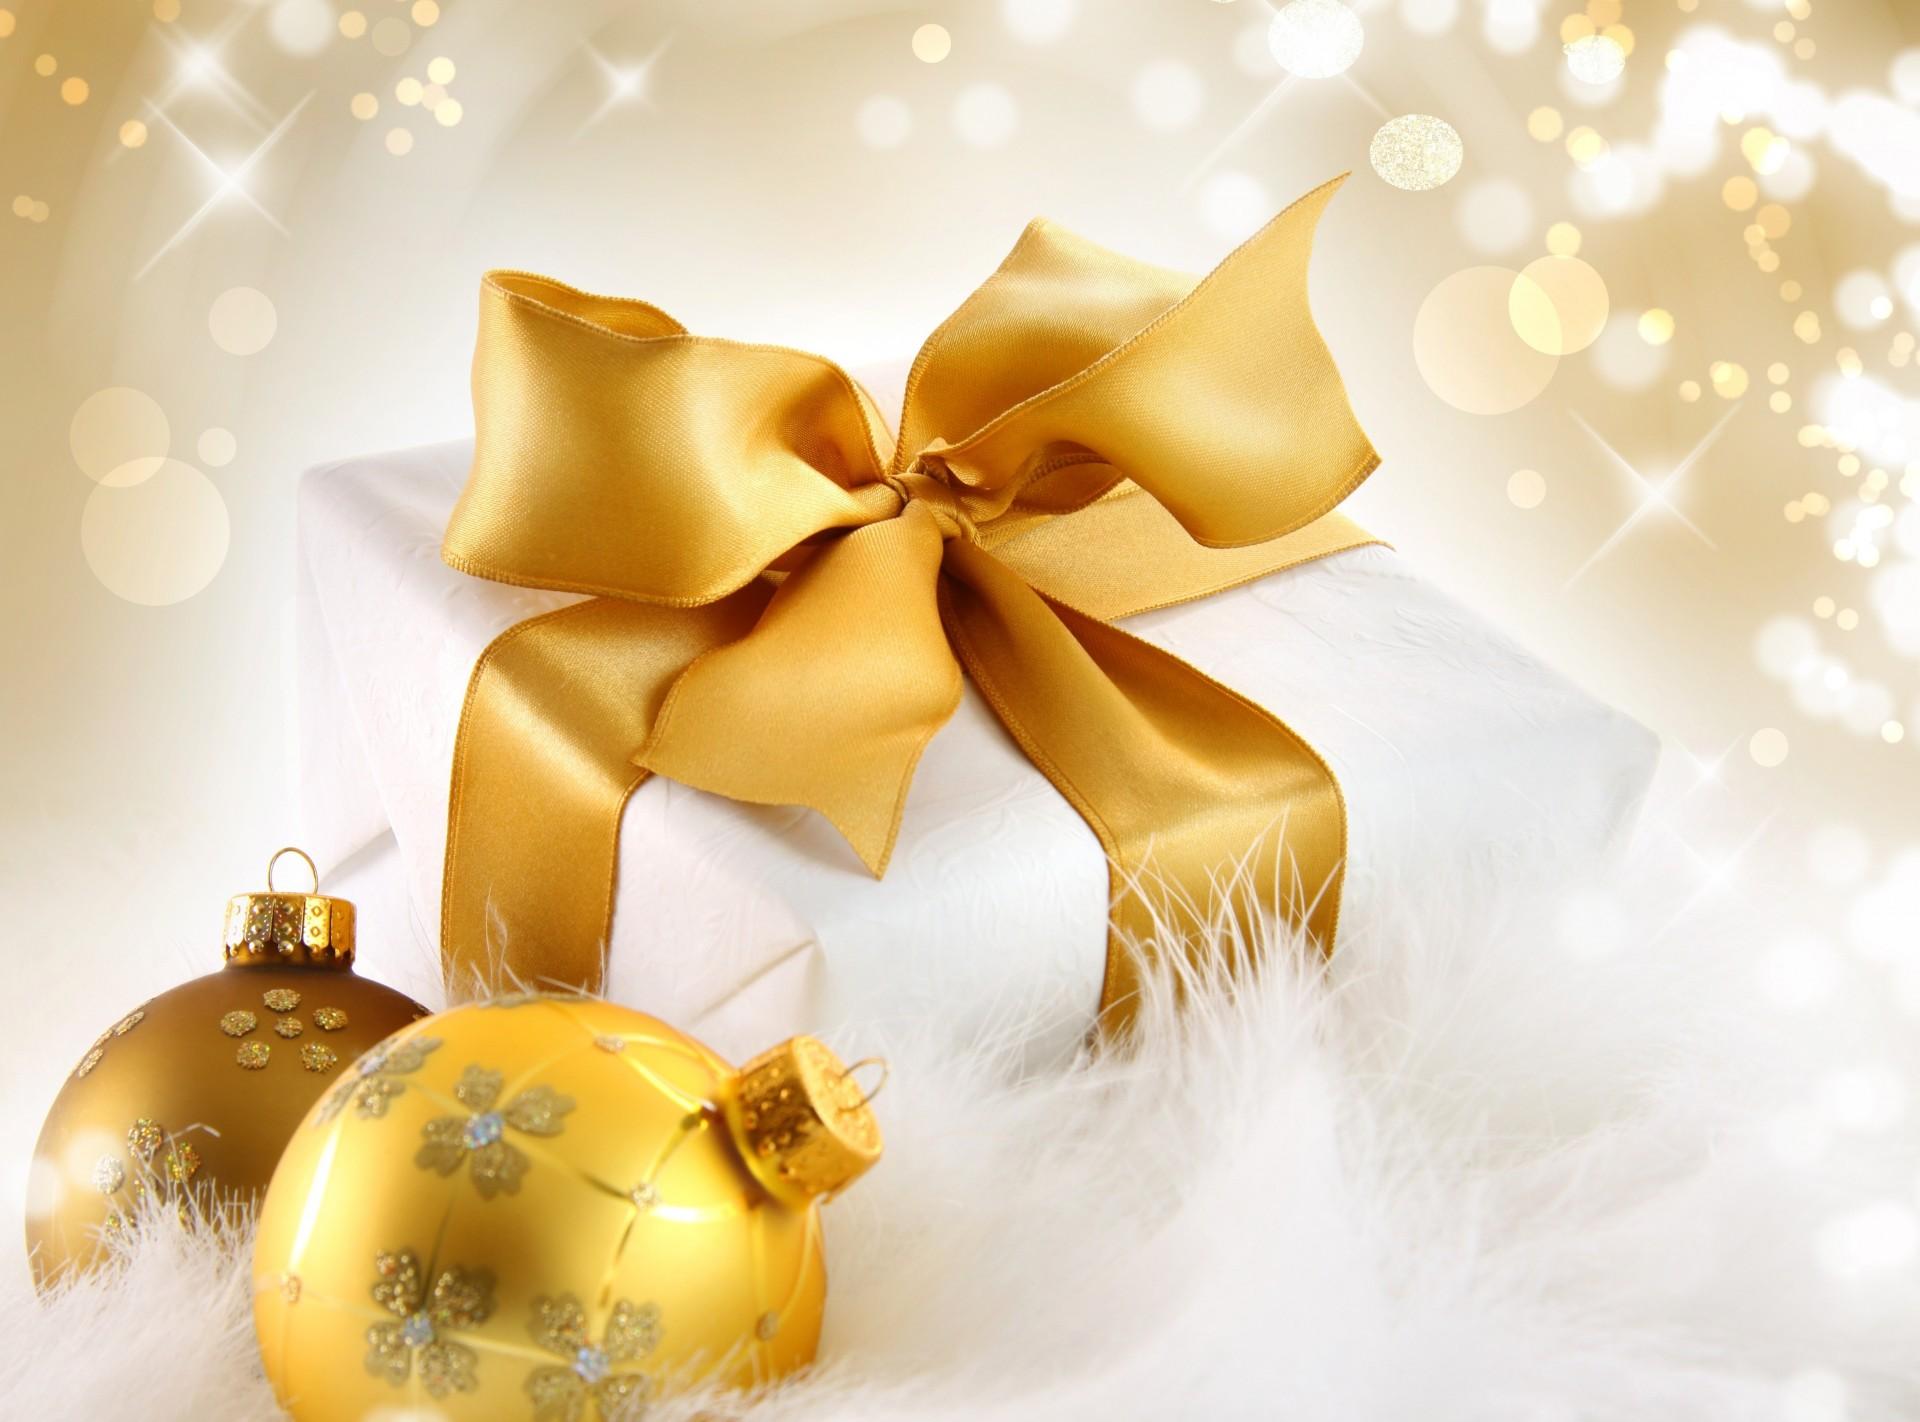 Обои подарок, Коробка, рождество, ёлочные украшения, золотые, шарики. Новый год foto 19